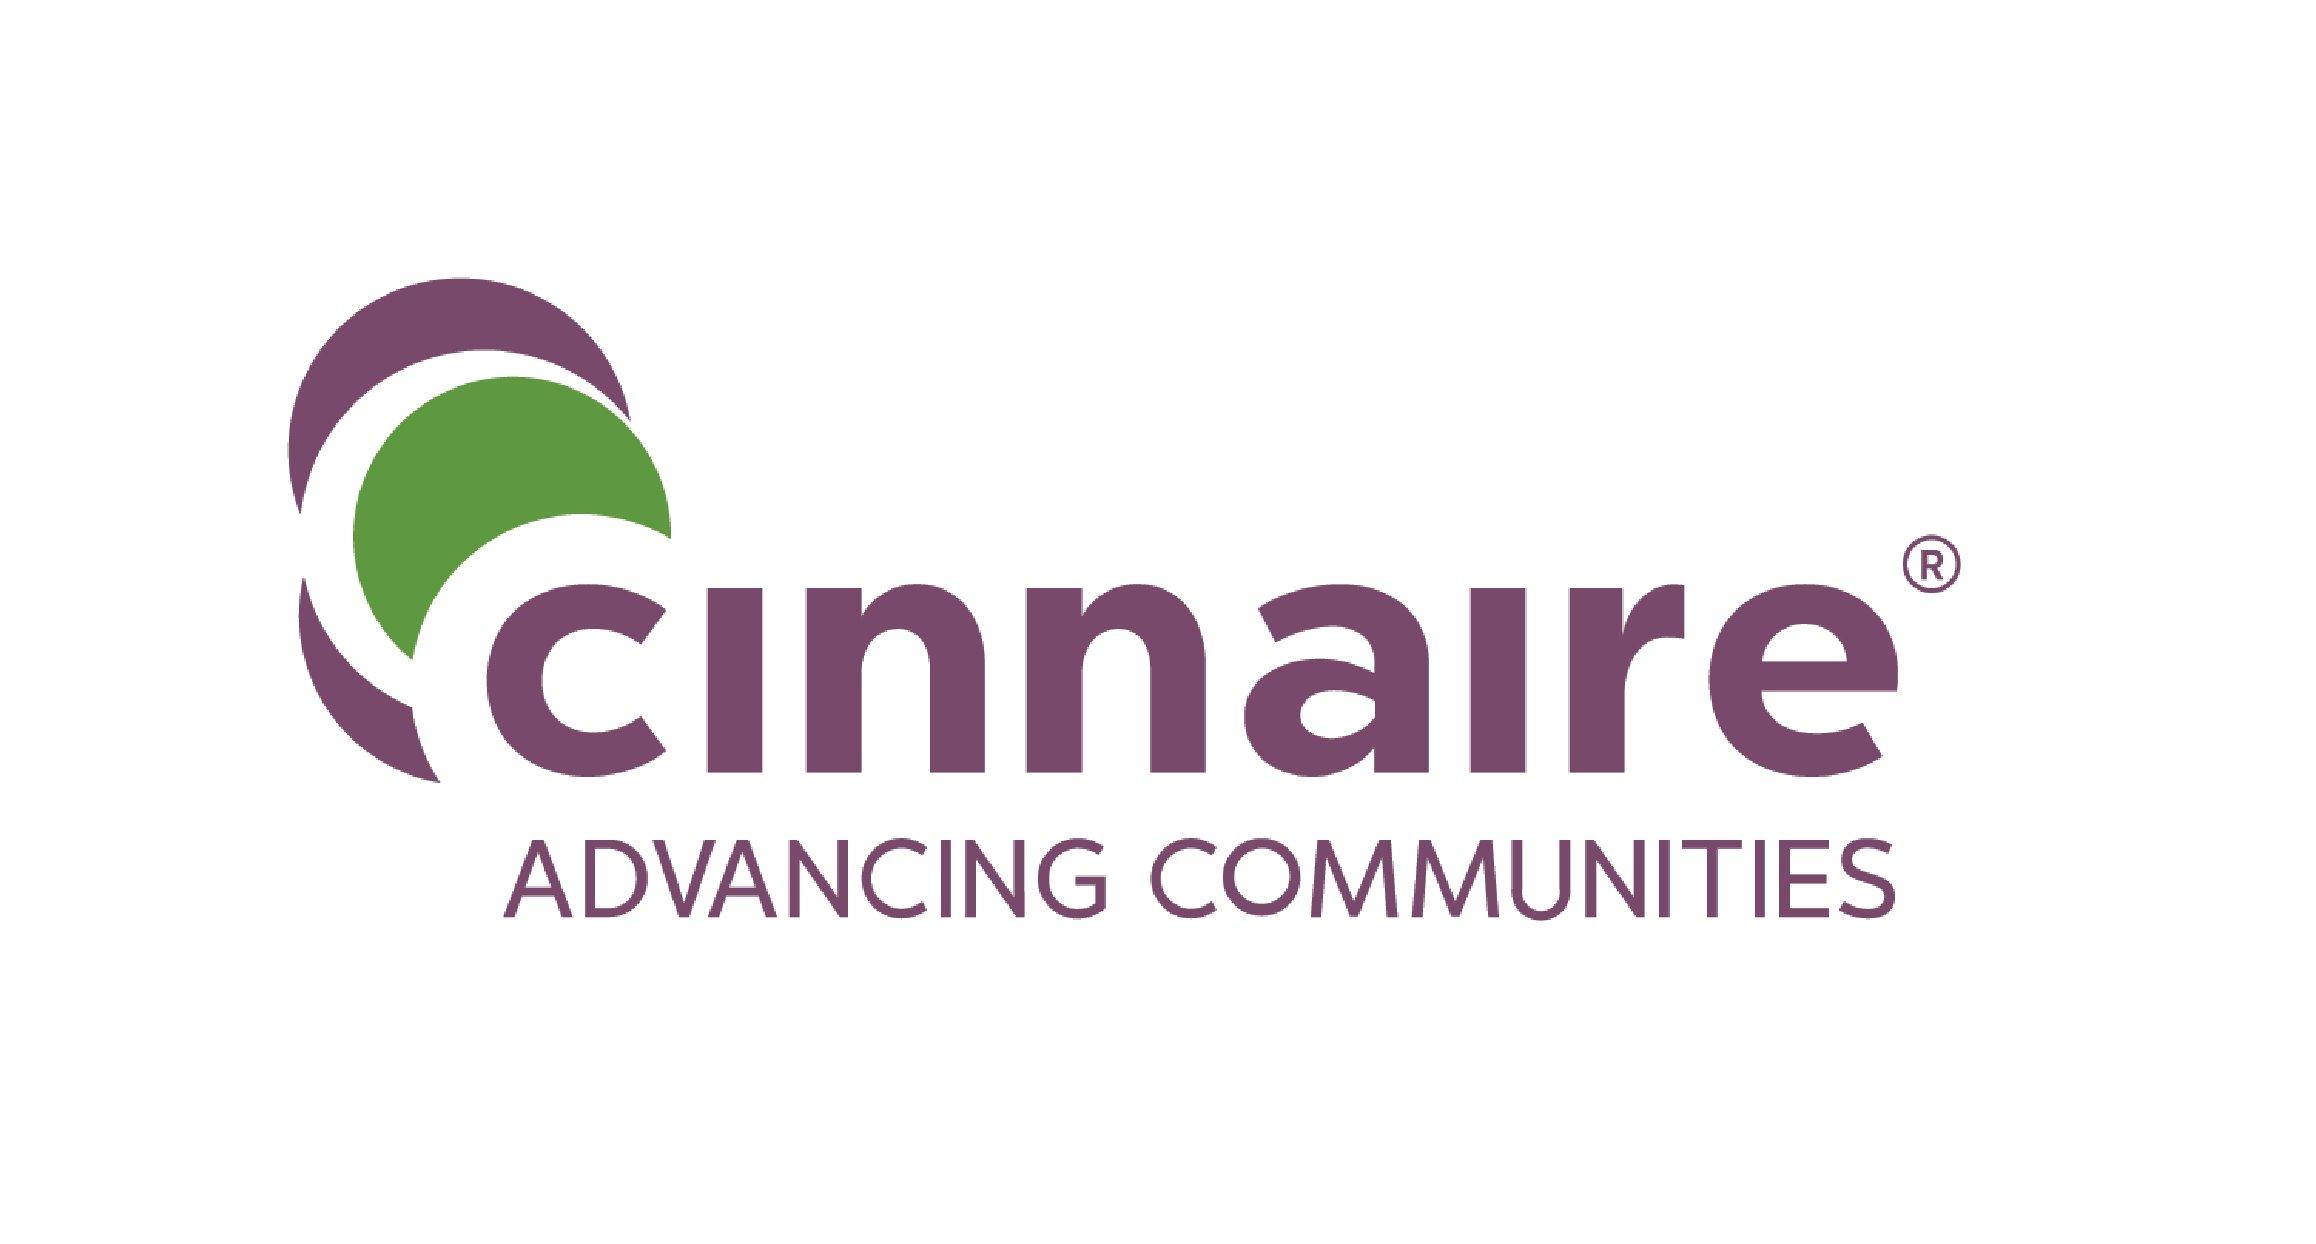 cinnaire